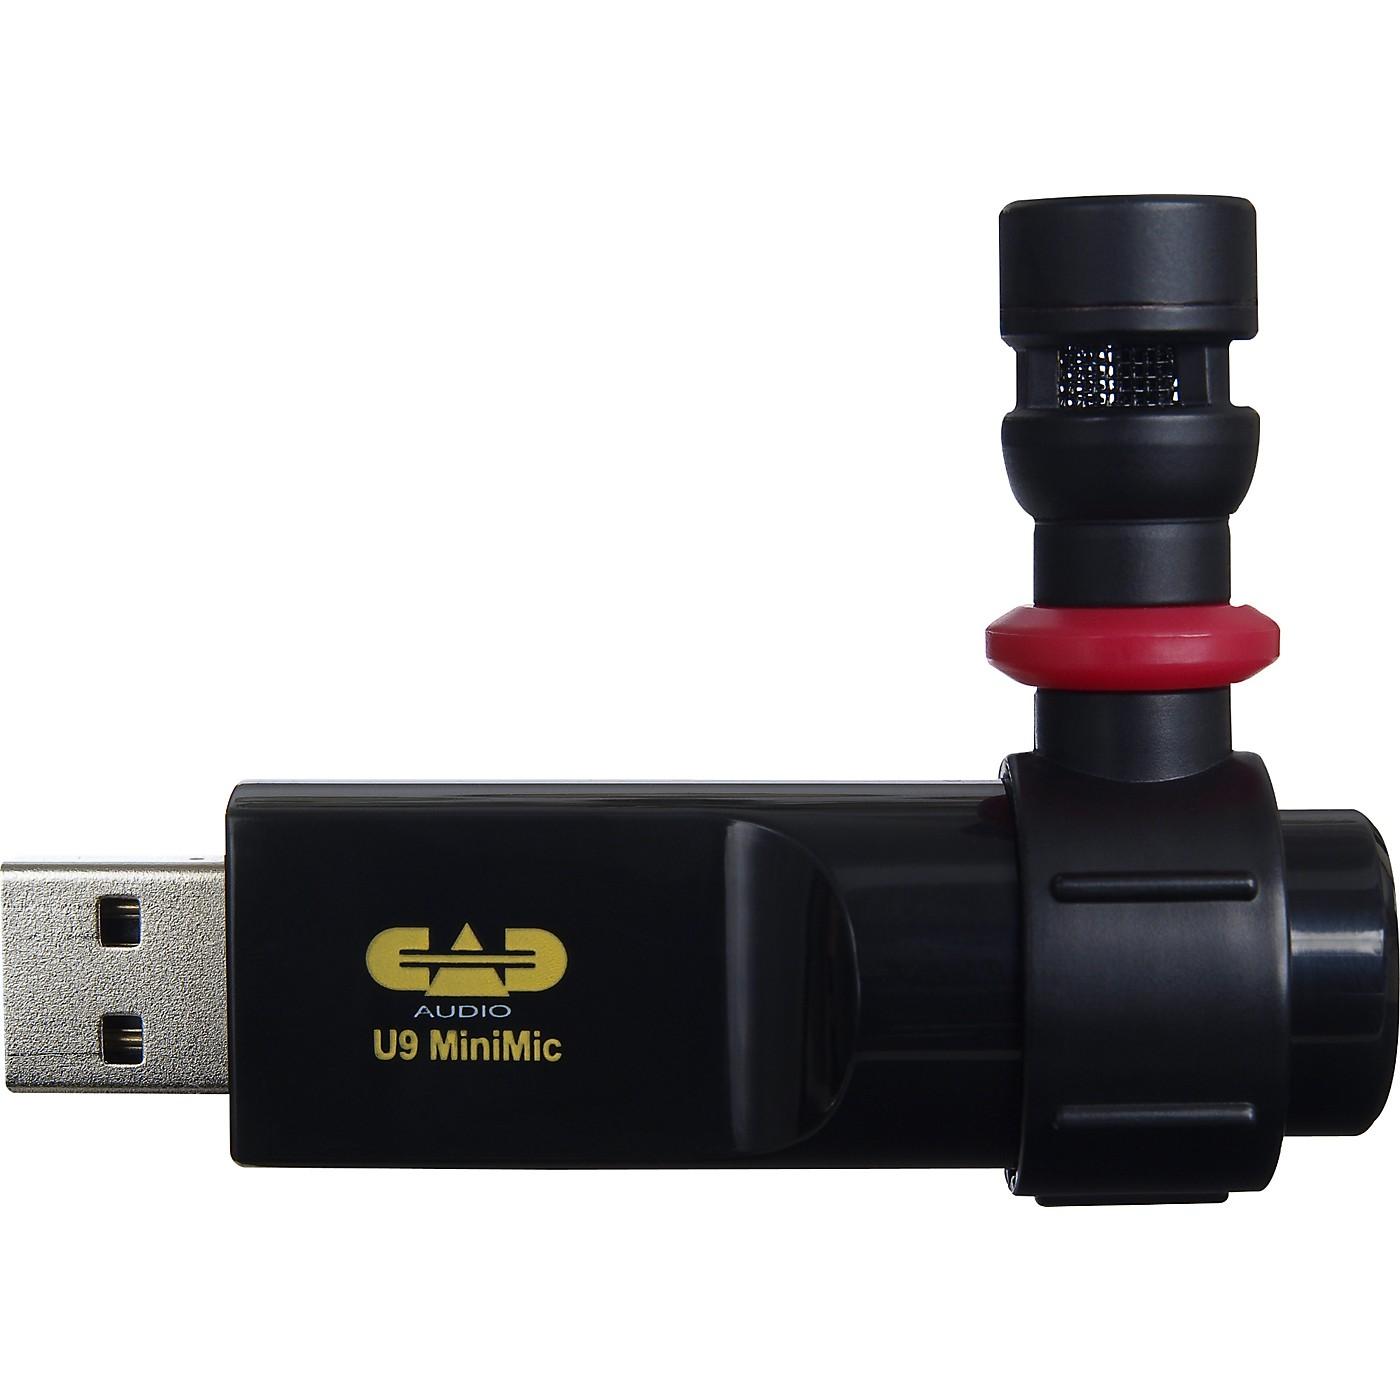 CAD U9 USB Mini Mic thumbnail